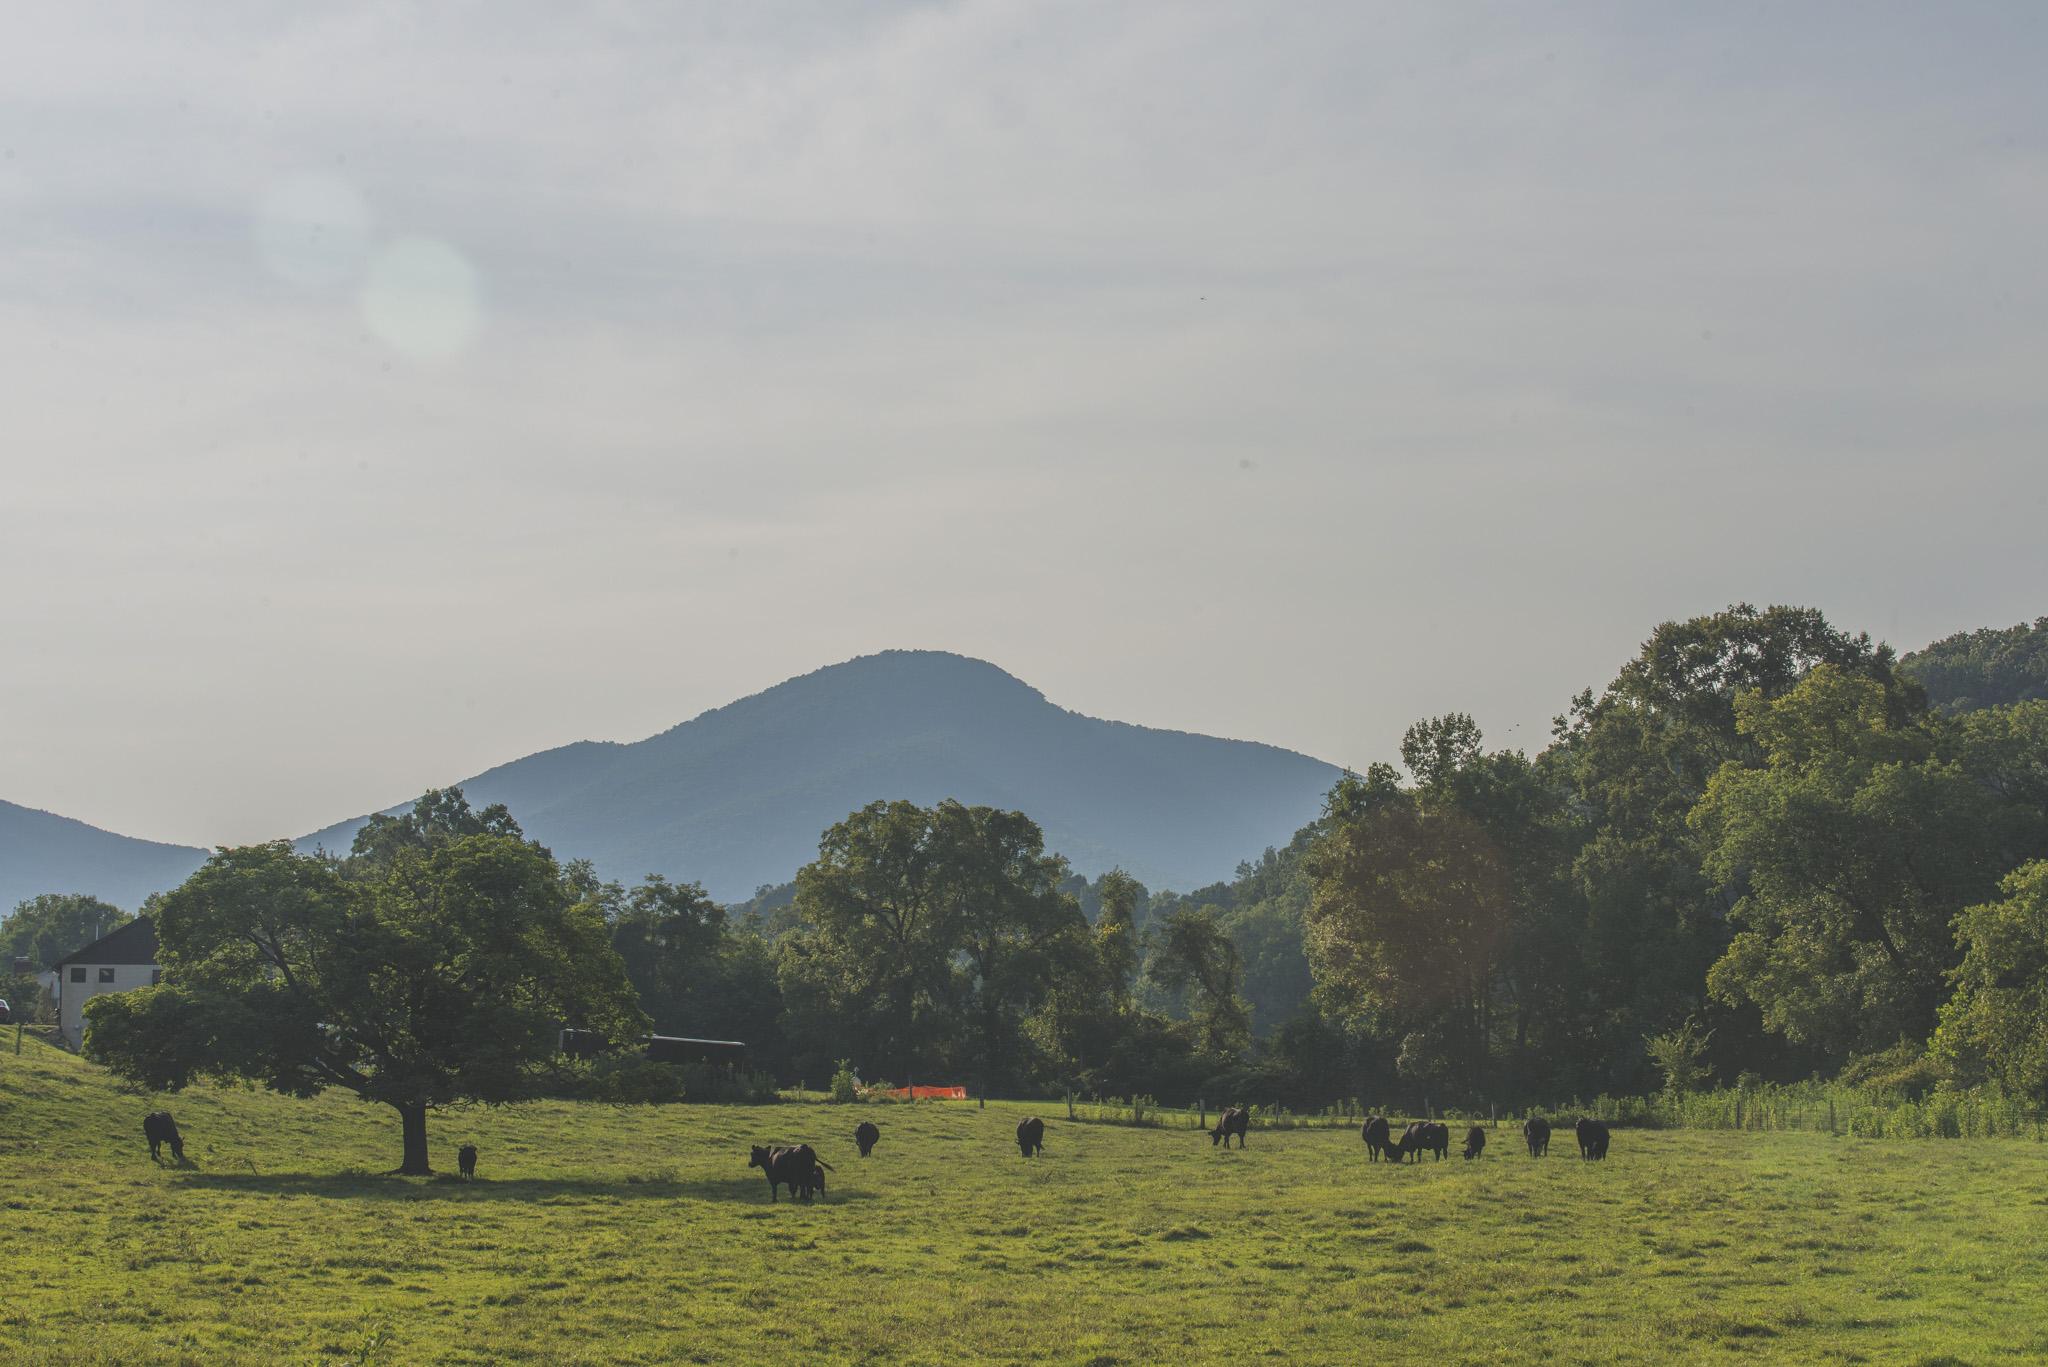 SeniorSession_BigIsland_VA_Lynchburg_farm_huntingdog20150805_0278.jpg